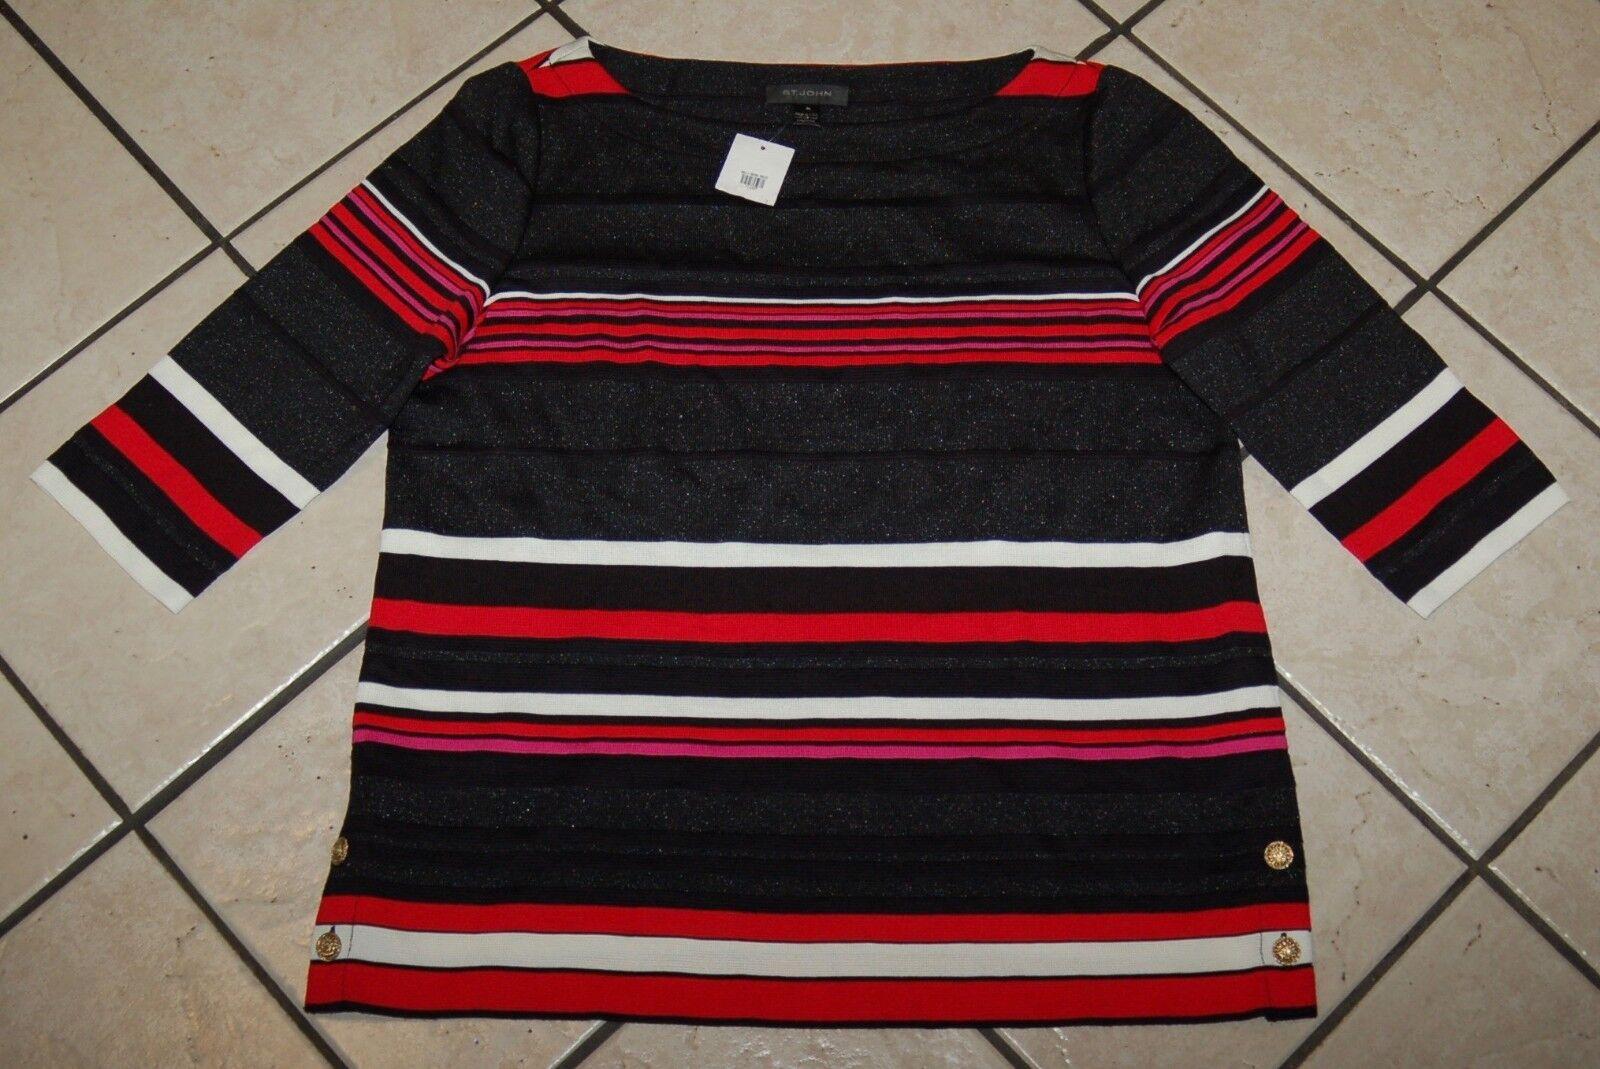 St John Woherrar Milano Knit Tunic, K51F011, Caviar Multi, Storlek XL